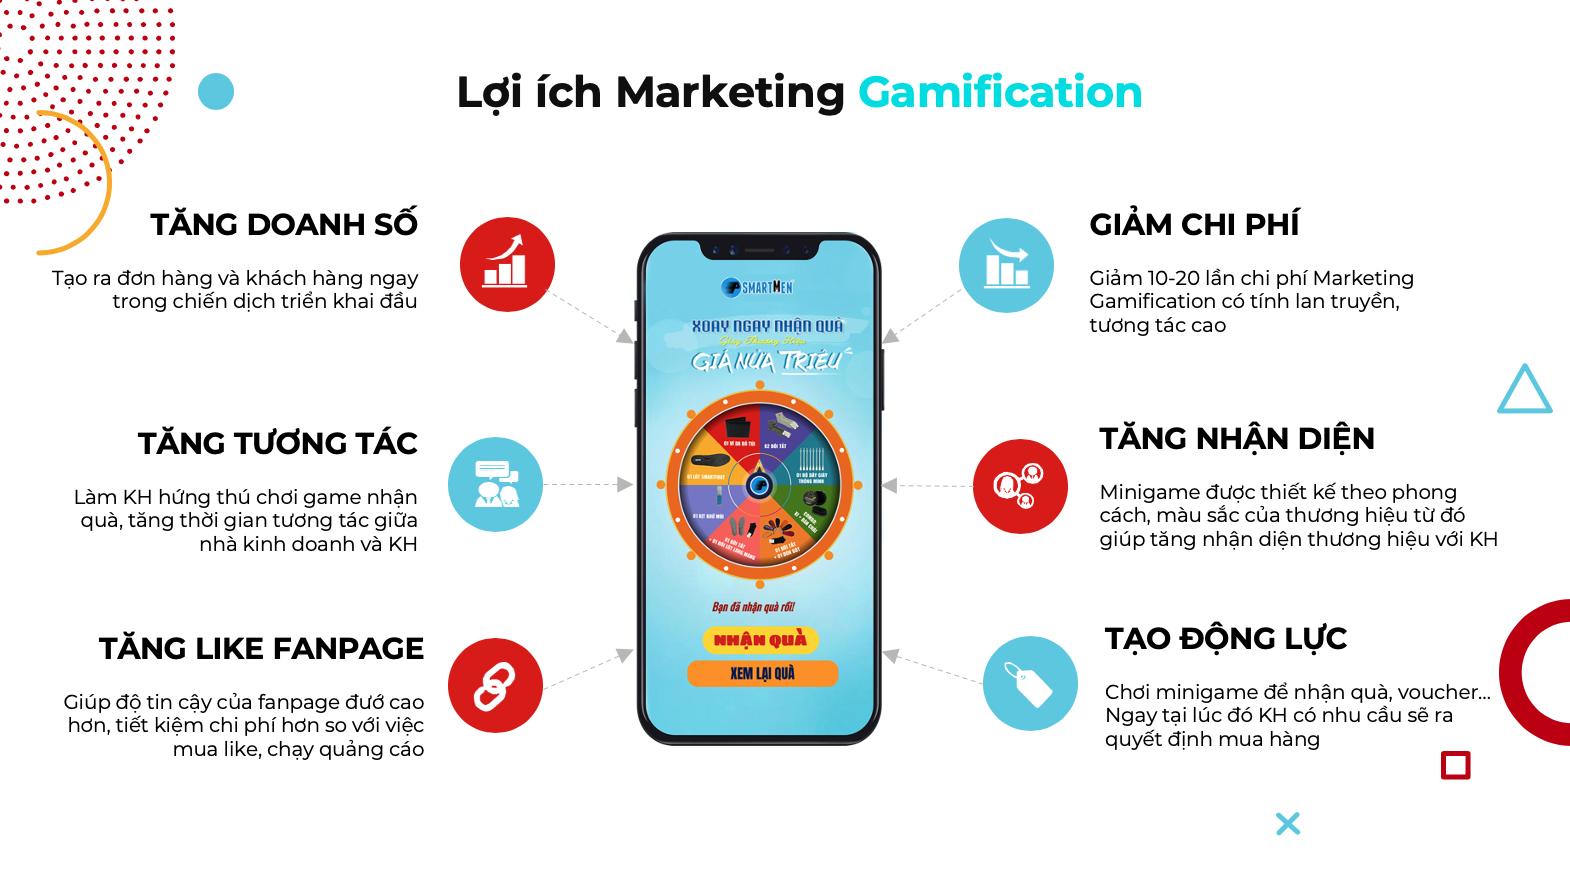 Khoá học Chatbot Gamification Master - Ứng dụng hệ thống tích hợp Chatbot & Gamification để tăng trưởng X2, X3 doanh số 2